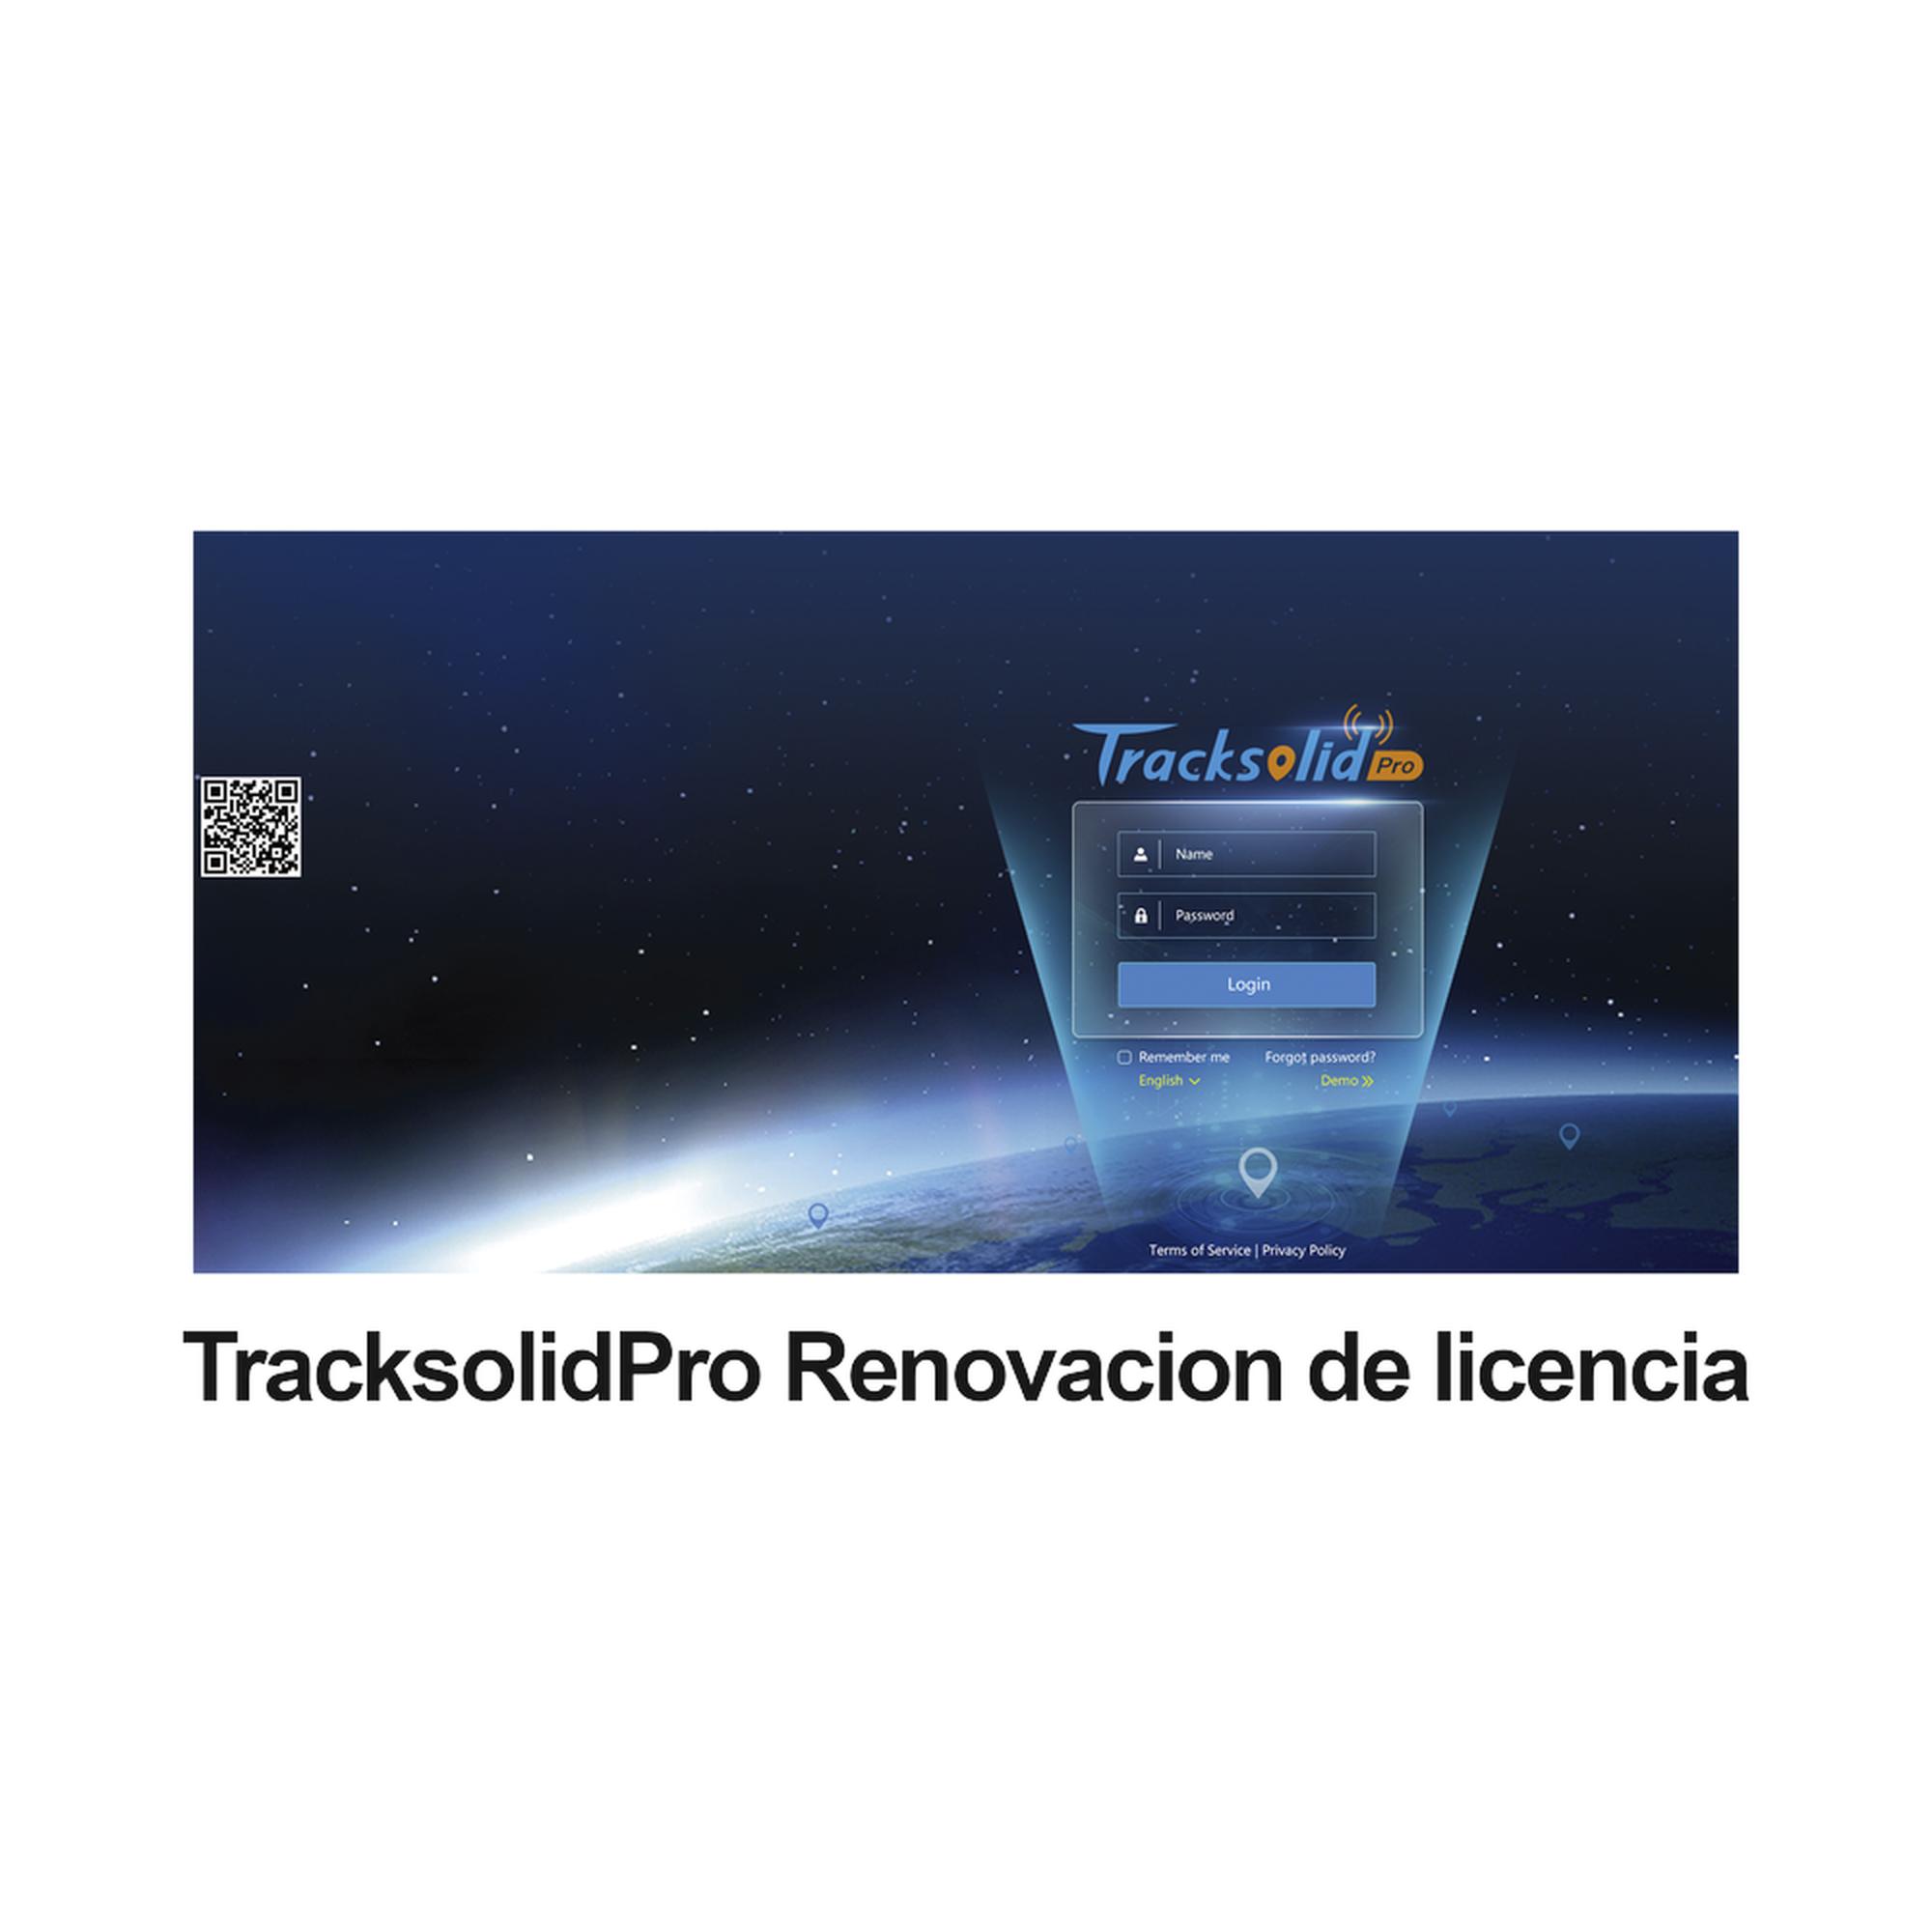 Renovación de licencia de video para plataforma Tracksolid